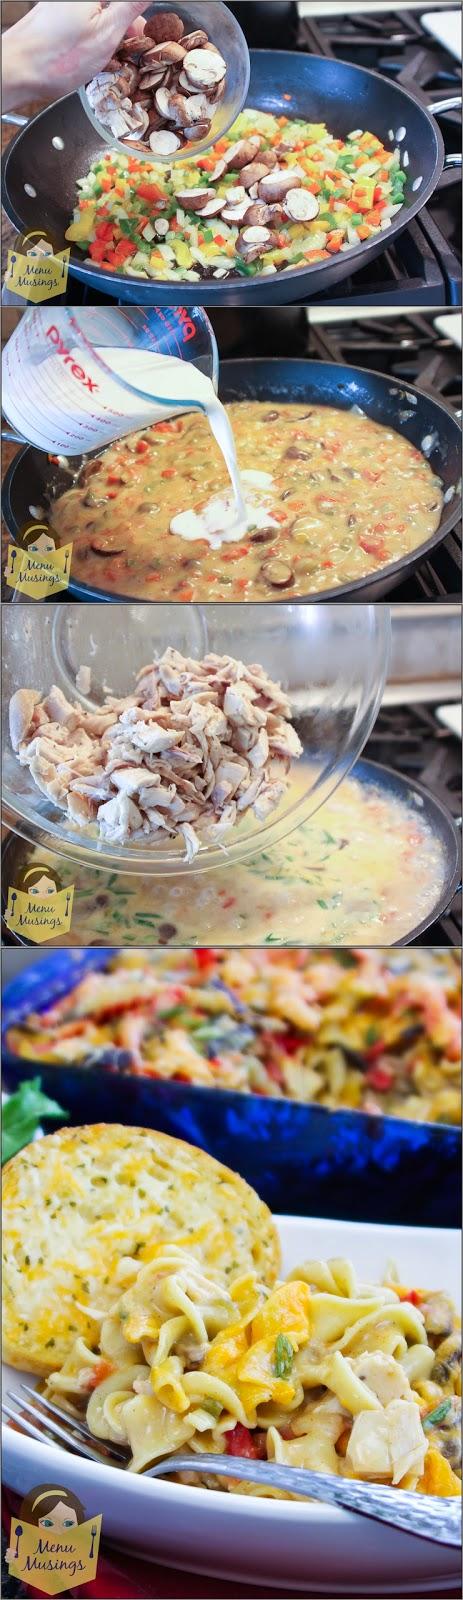 http://menumusings.blogspot.com/2014/04/easy-cajun-chicken-pasta-bake.html